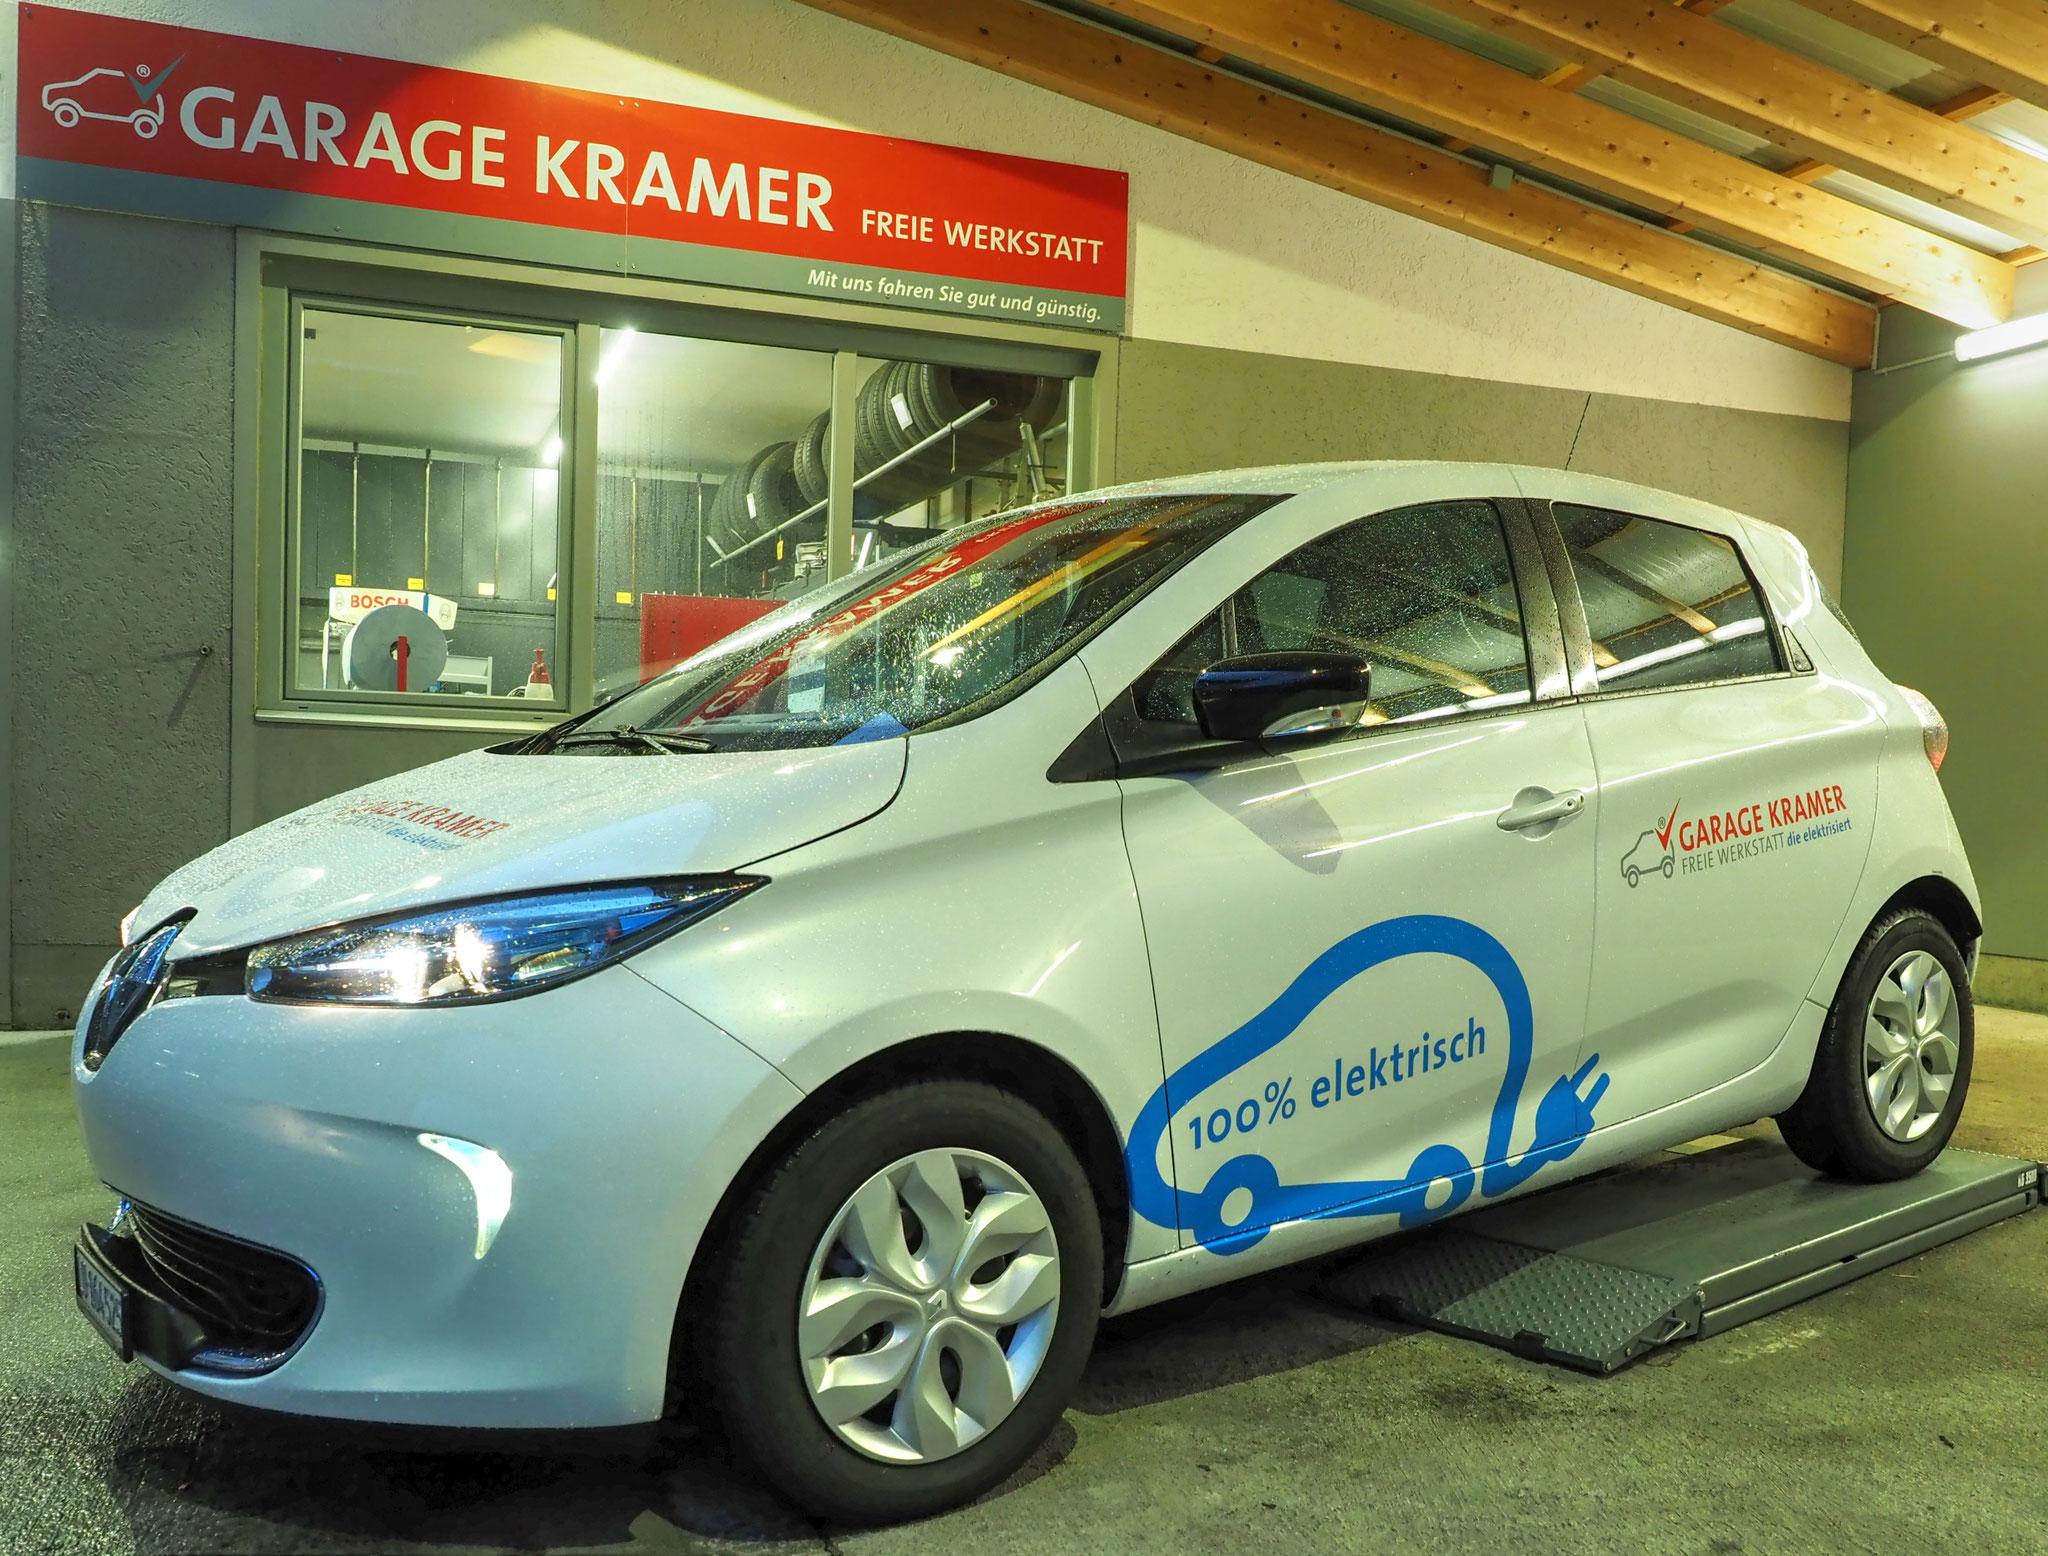 Renault Zoe (100% elektrisch)